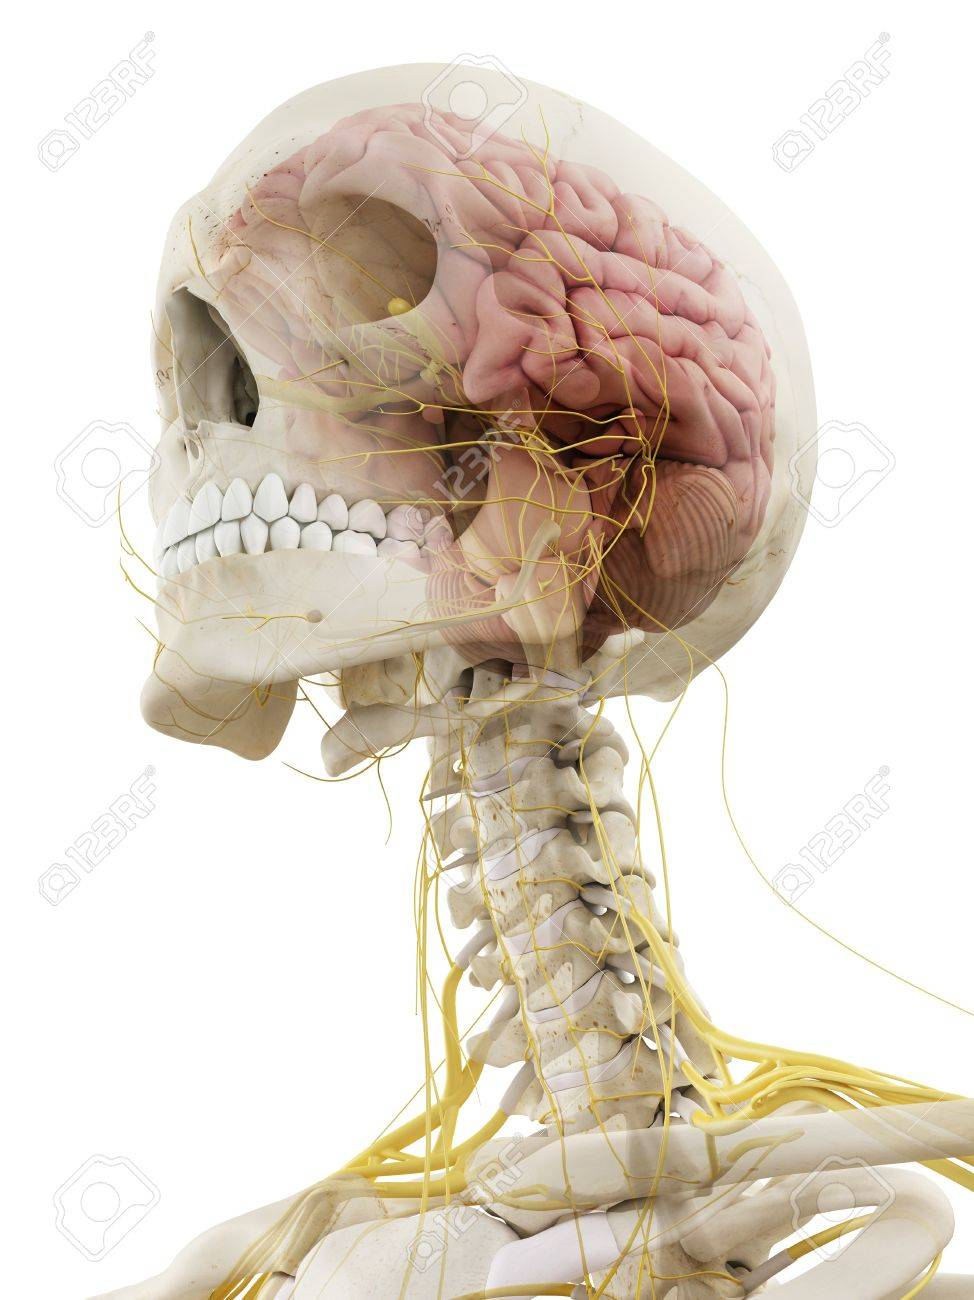 Menschliches Gehirn Und Nerven, Kunstwerk Lizenzfreie Fotos, Bilder ...